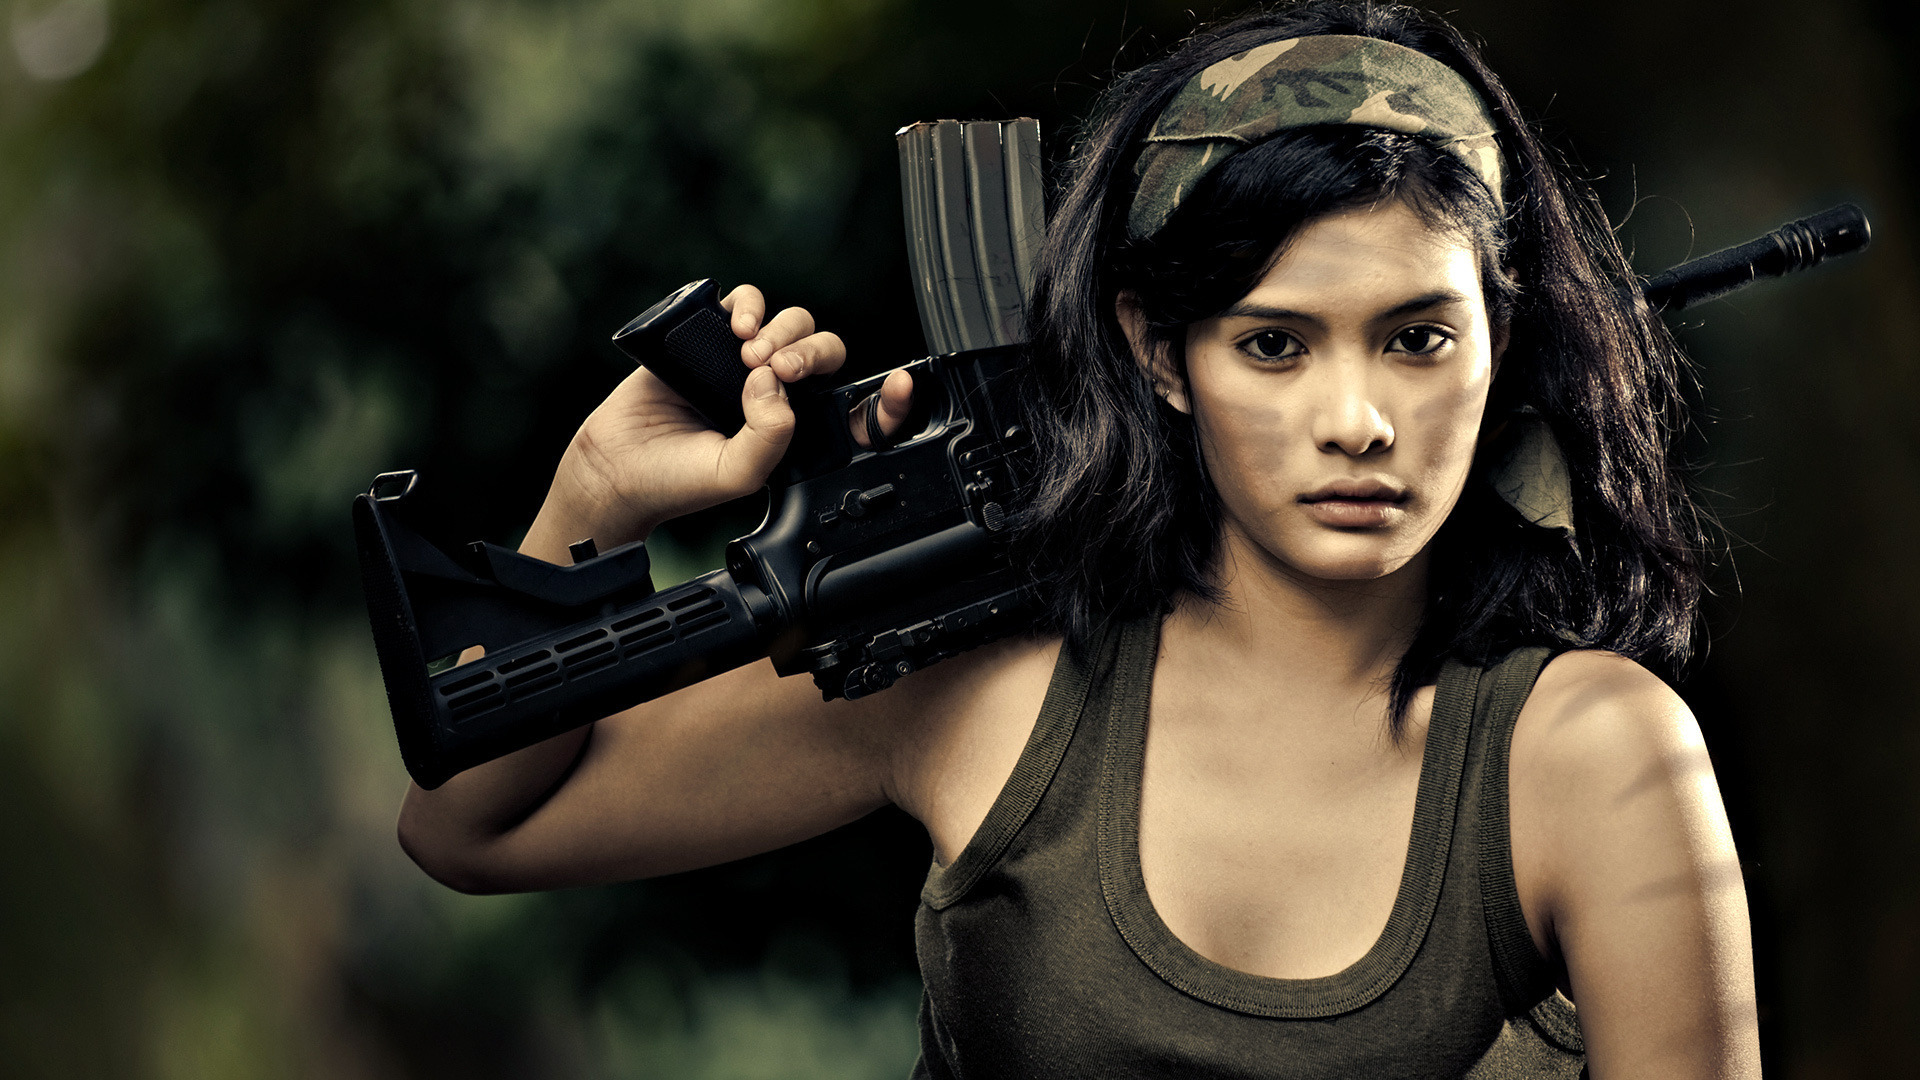 Картинки на рабочий стол девушки красивые с оружием